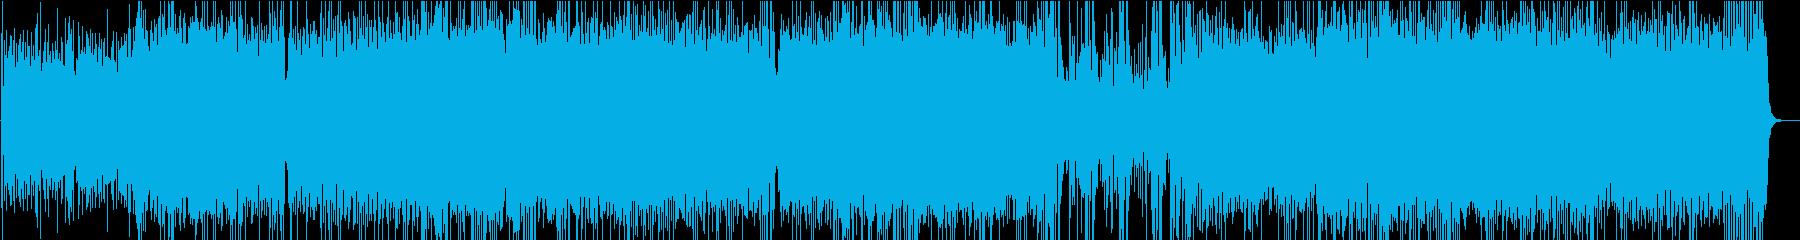 夏にピッタリのラテン・ロックの再生済みの波形